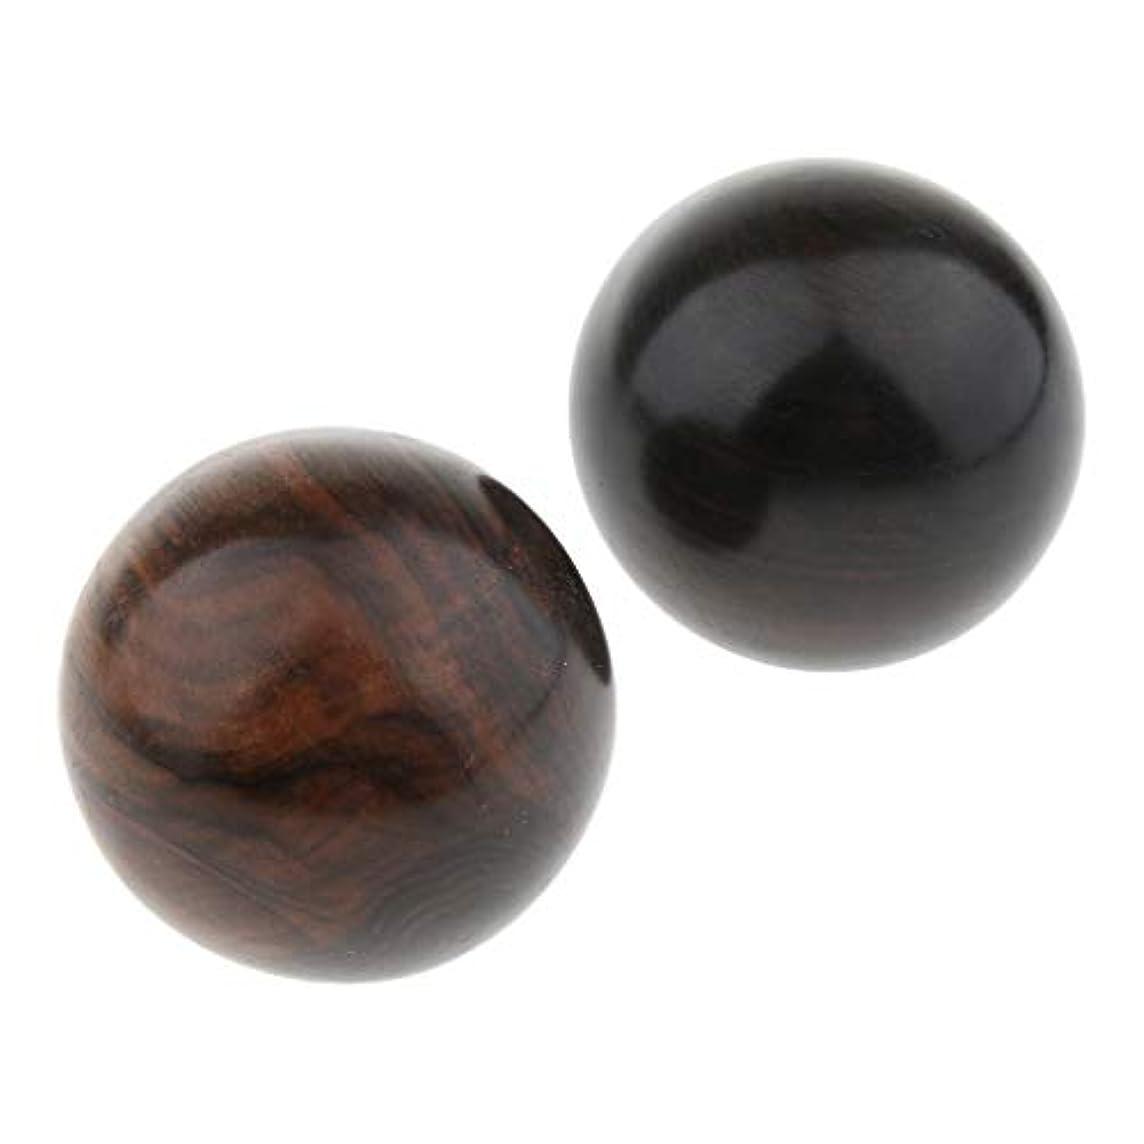 悲観的頻繁に融合Baoblaze ハンドボール マッサージボール 木製 ストレス解消 運動 トリガーポイント 2個入